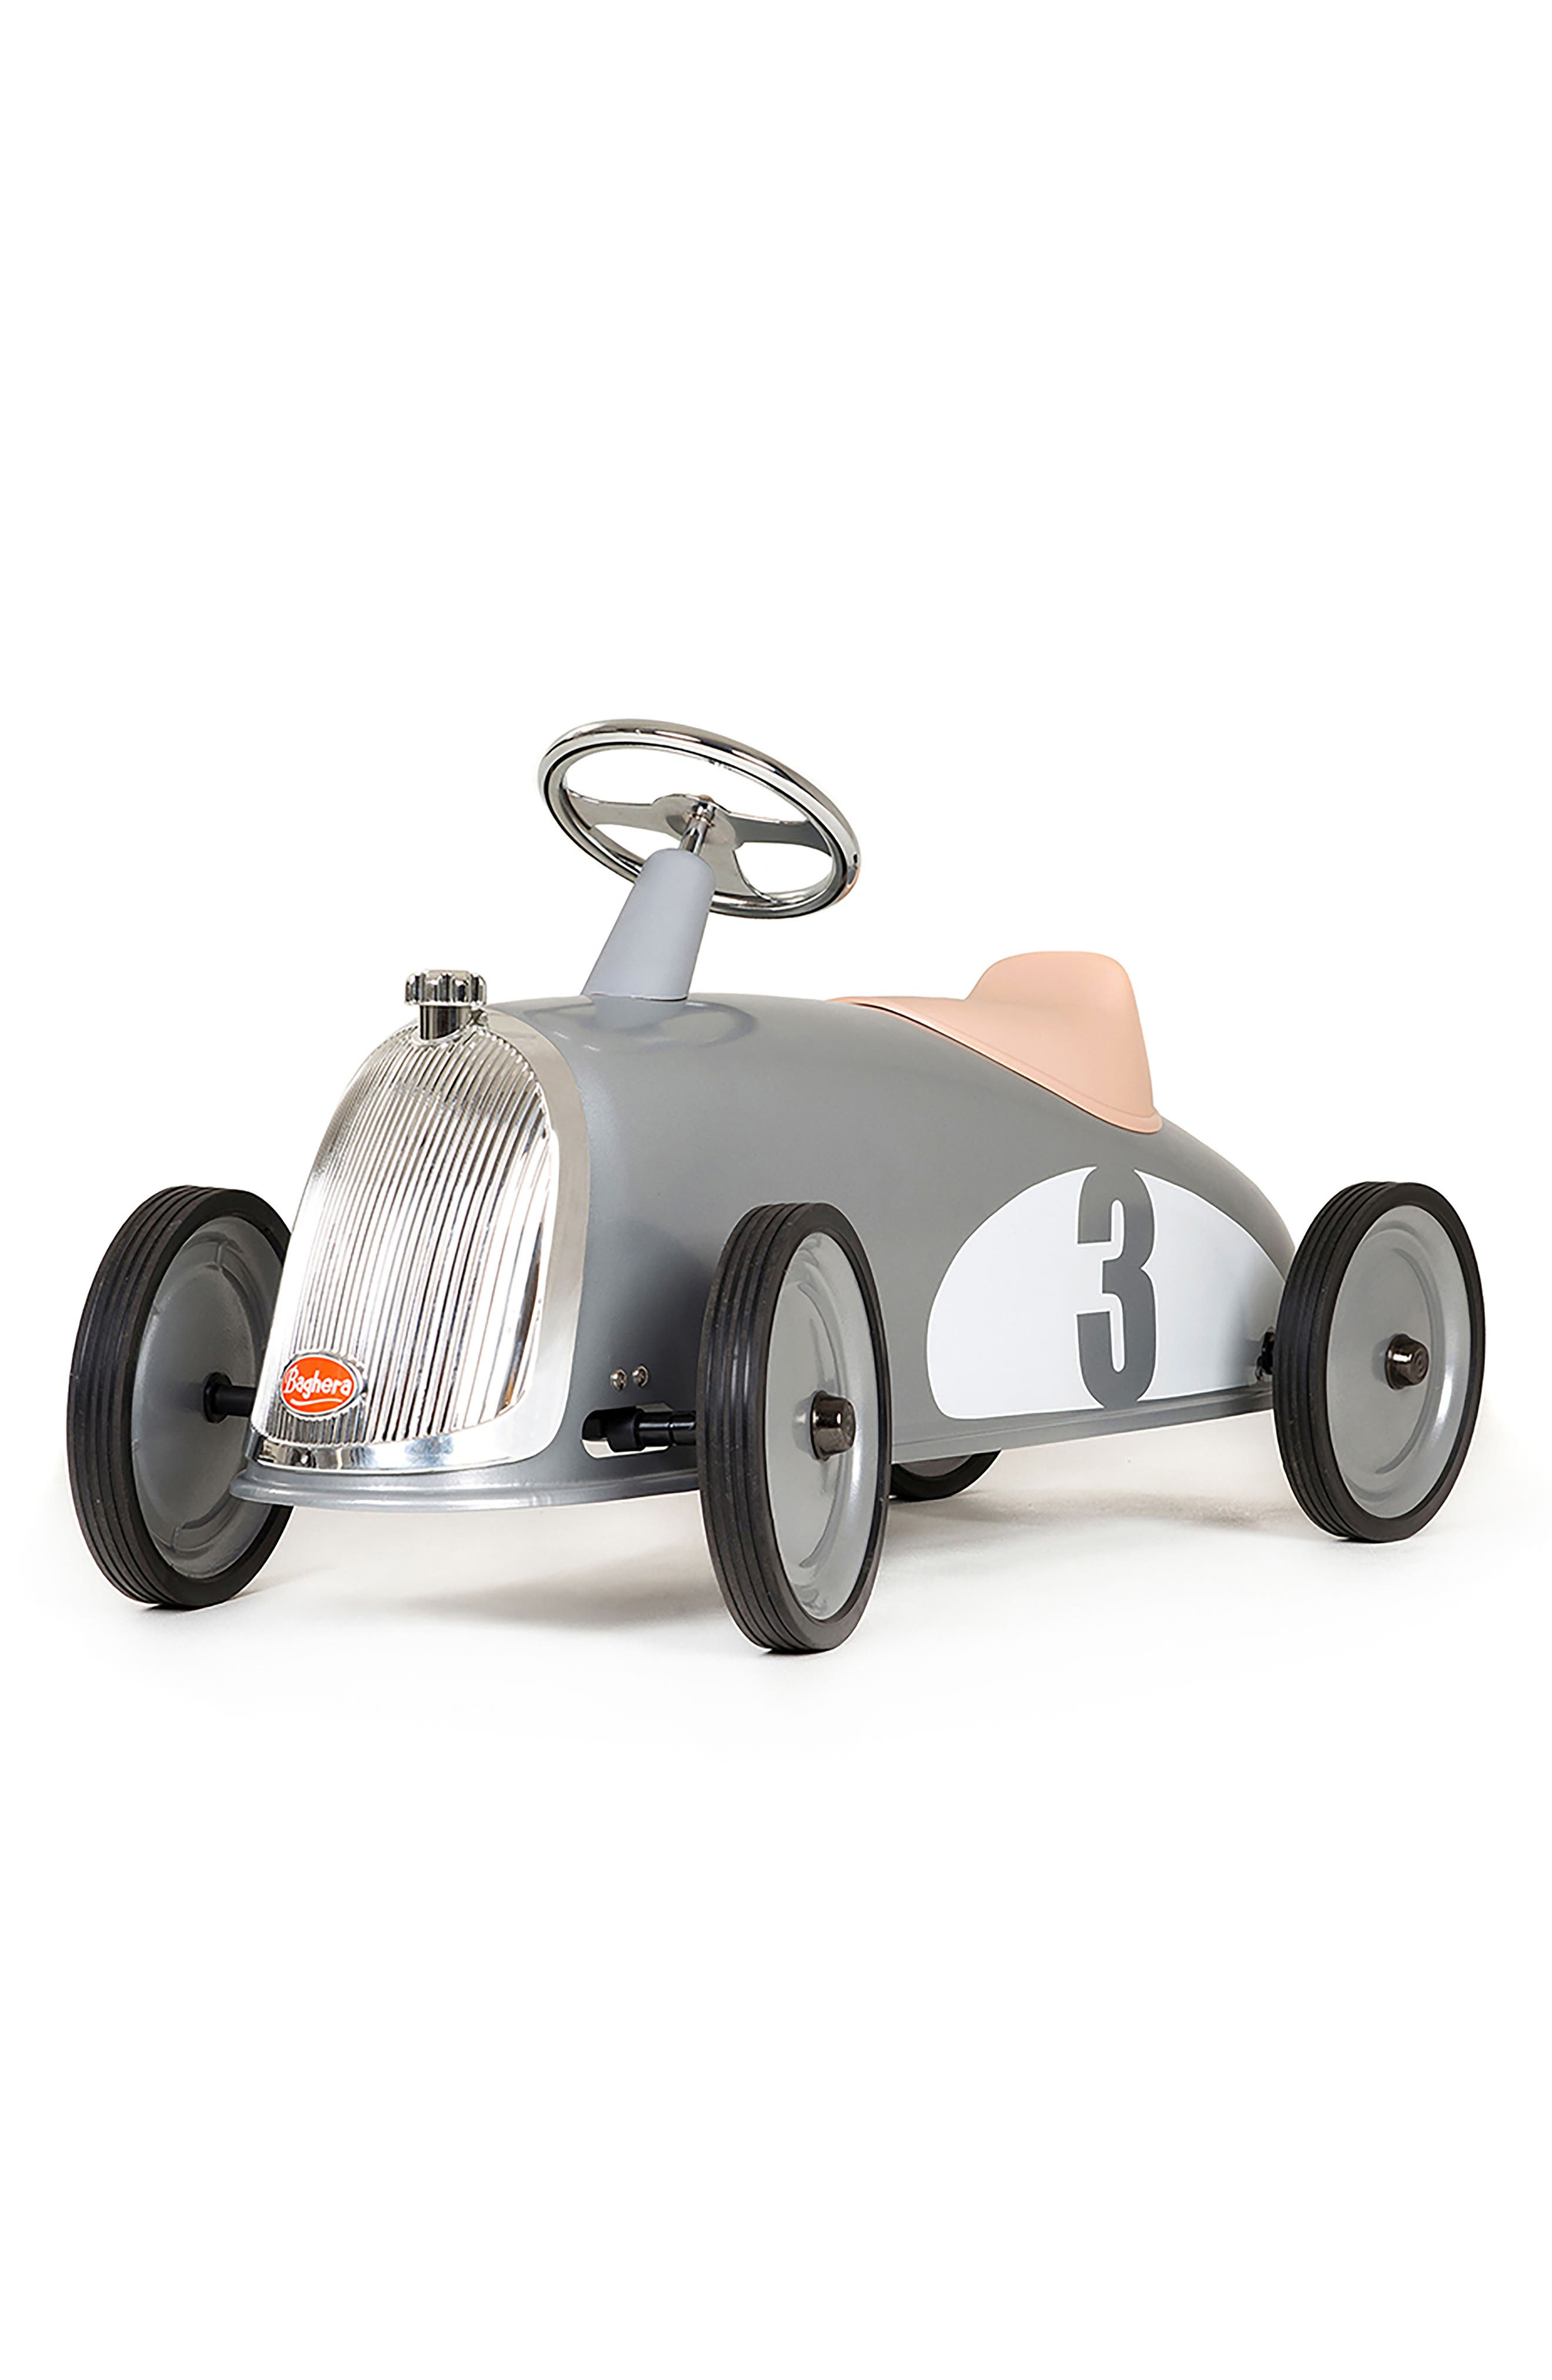 Toddler Baghera The Rider RideOn Car